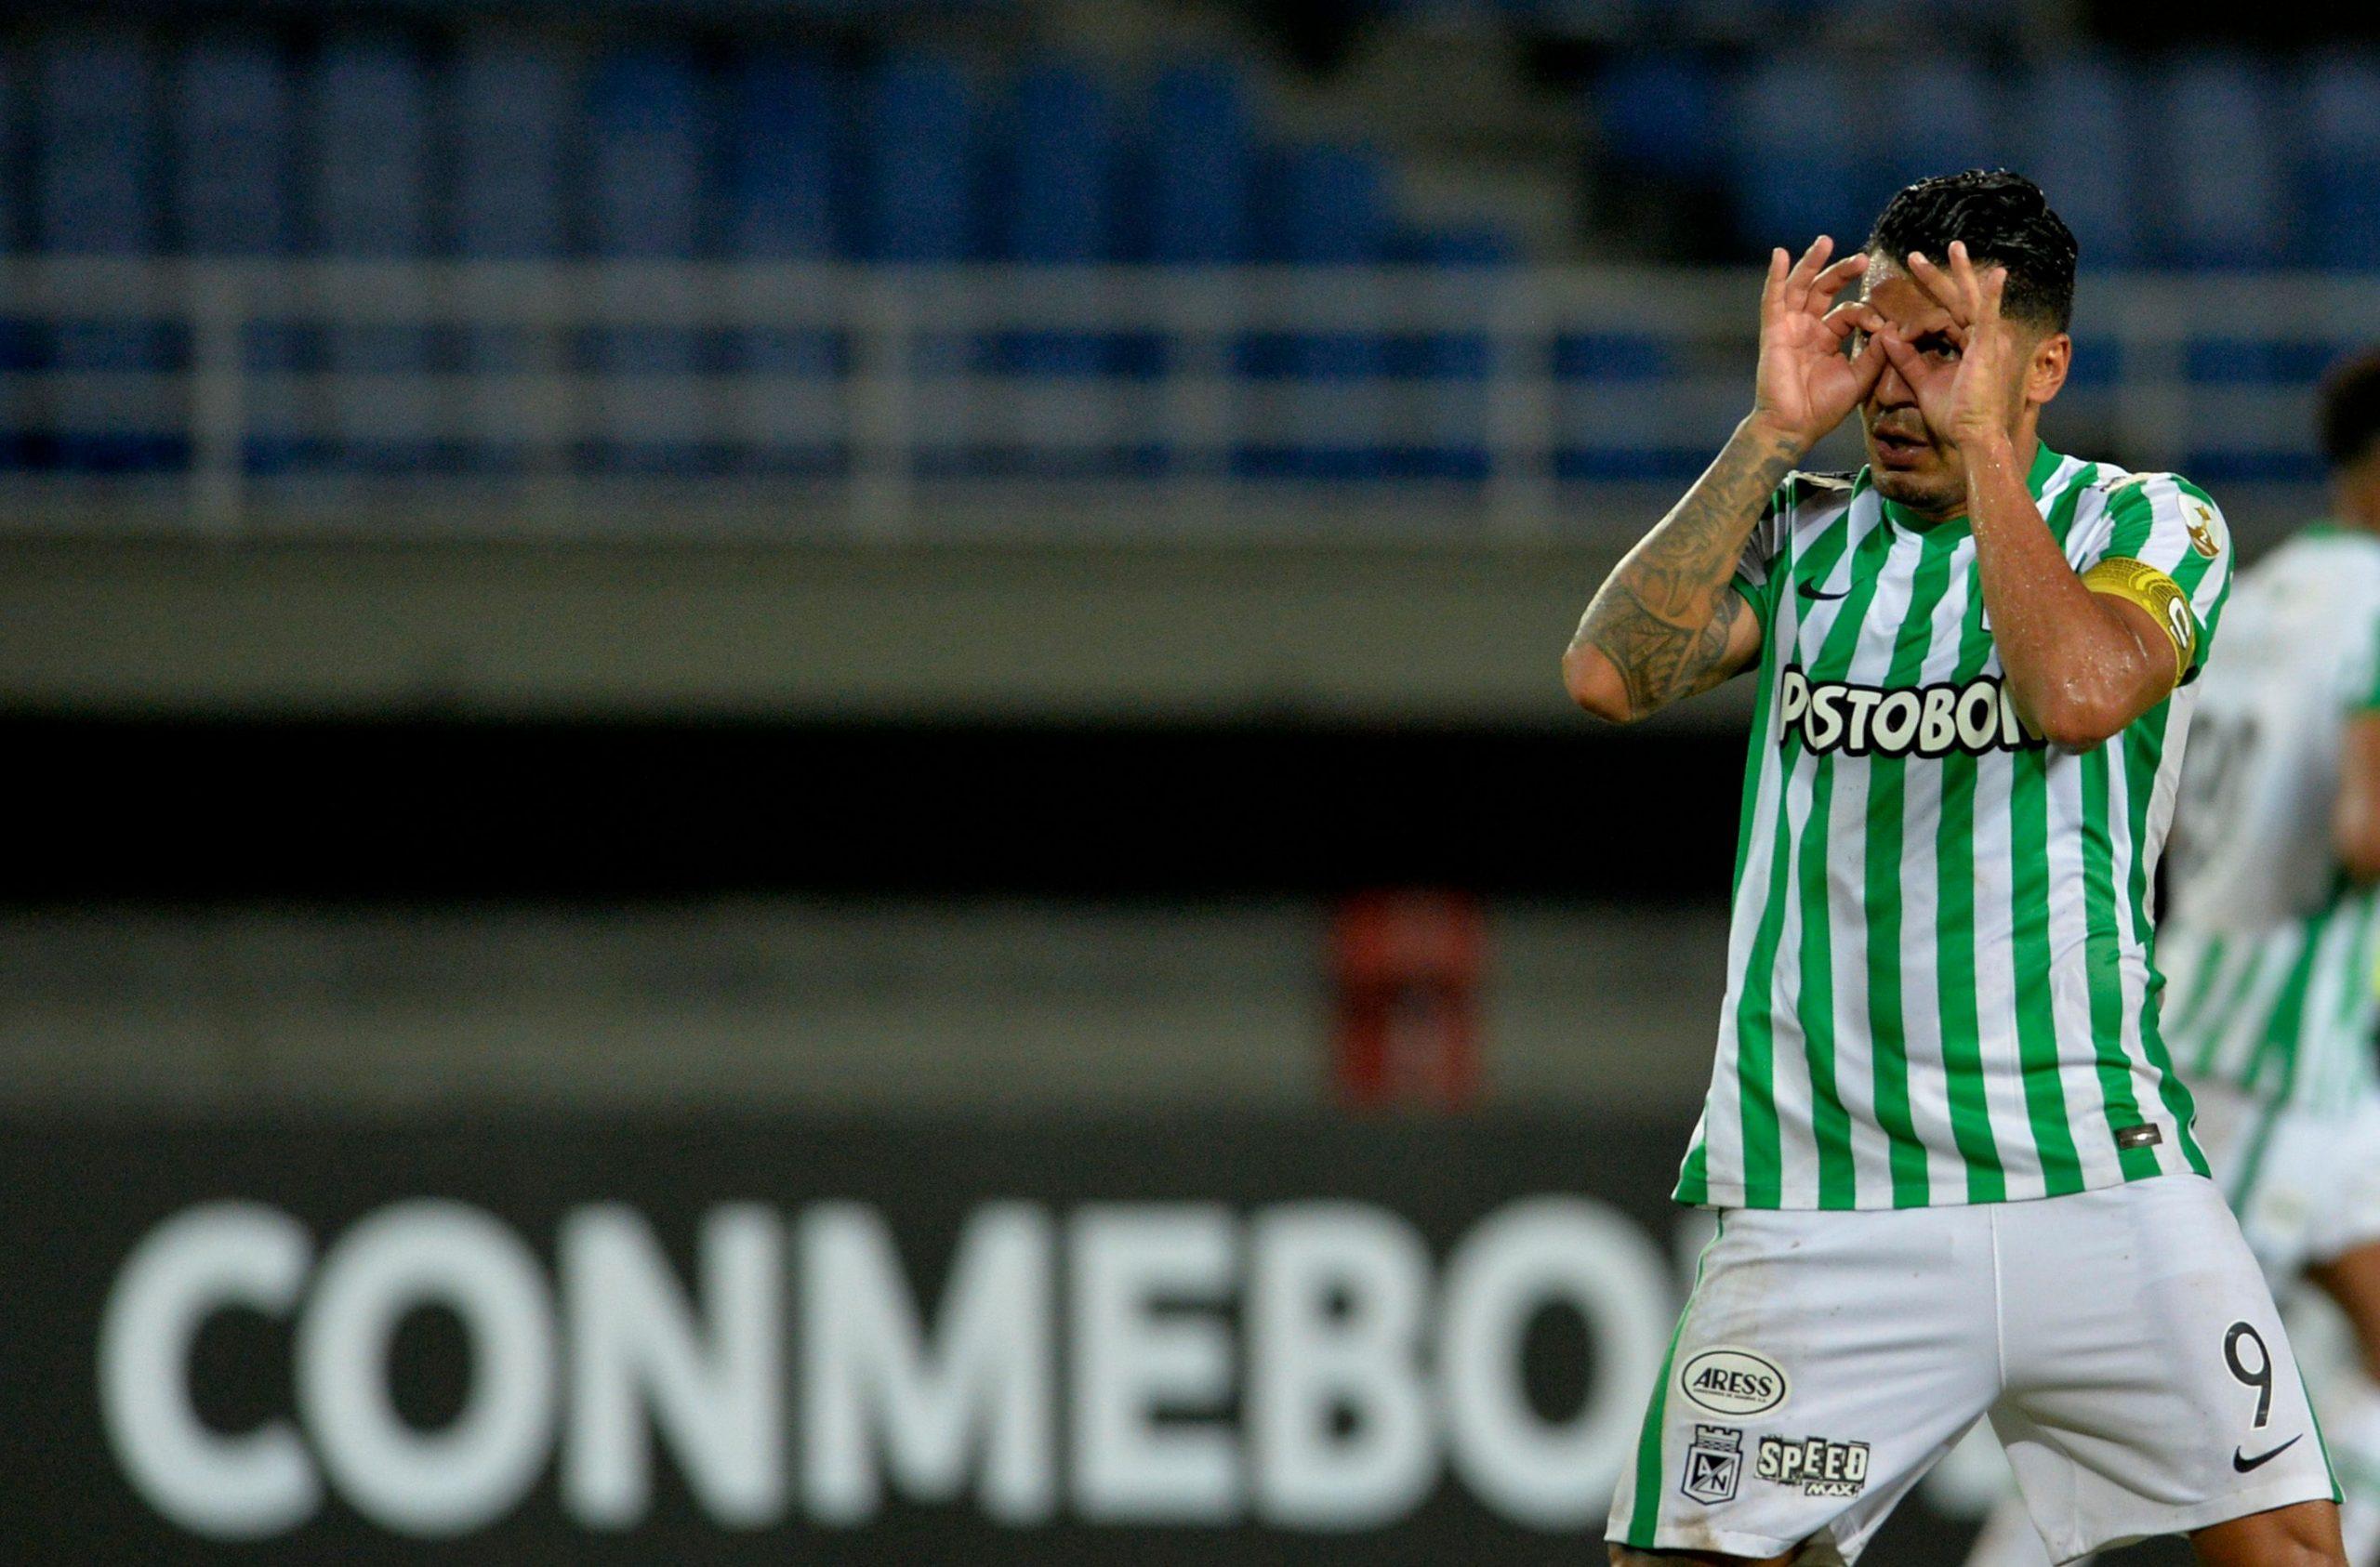 En el gol de Jéfferson Duque tocaron la pelota los 11 jugadores de Nacional